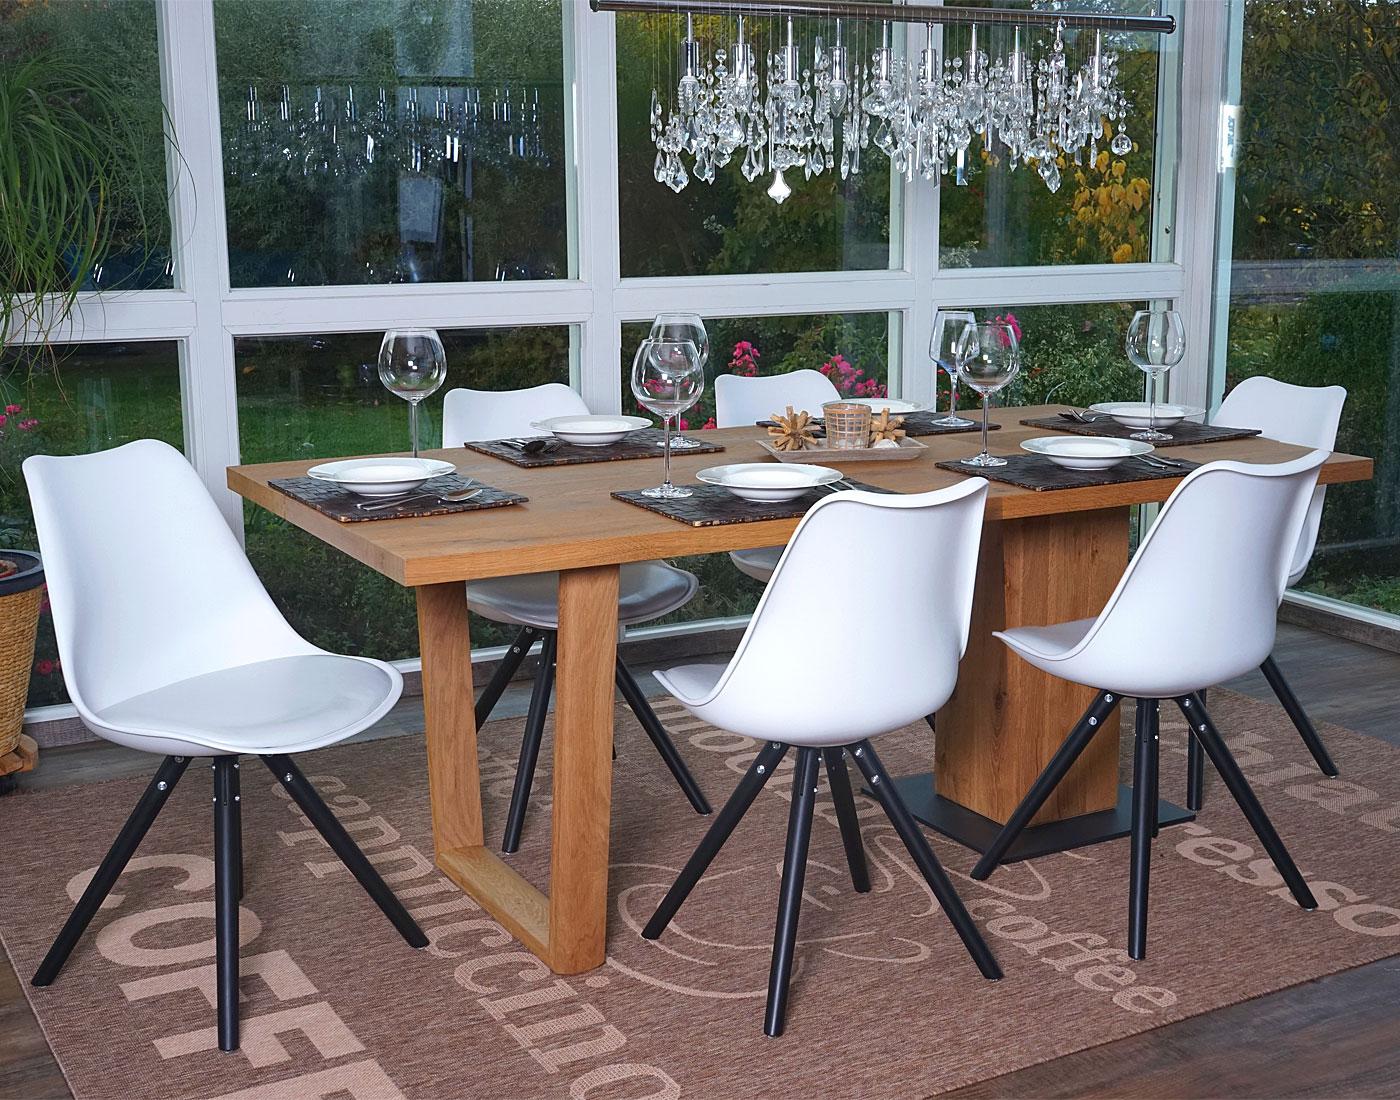 6x esszimmerstuhl malm t501 retro design wei sitzfl che kunstleder wei dunkle beine. Black Bedroom Furniture Sets. Home Design Ideas